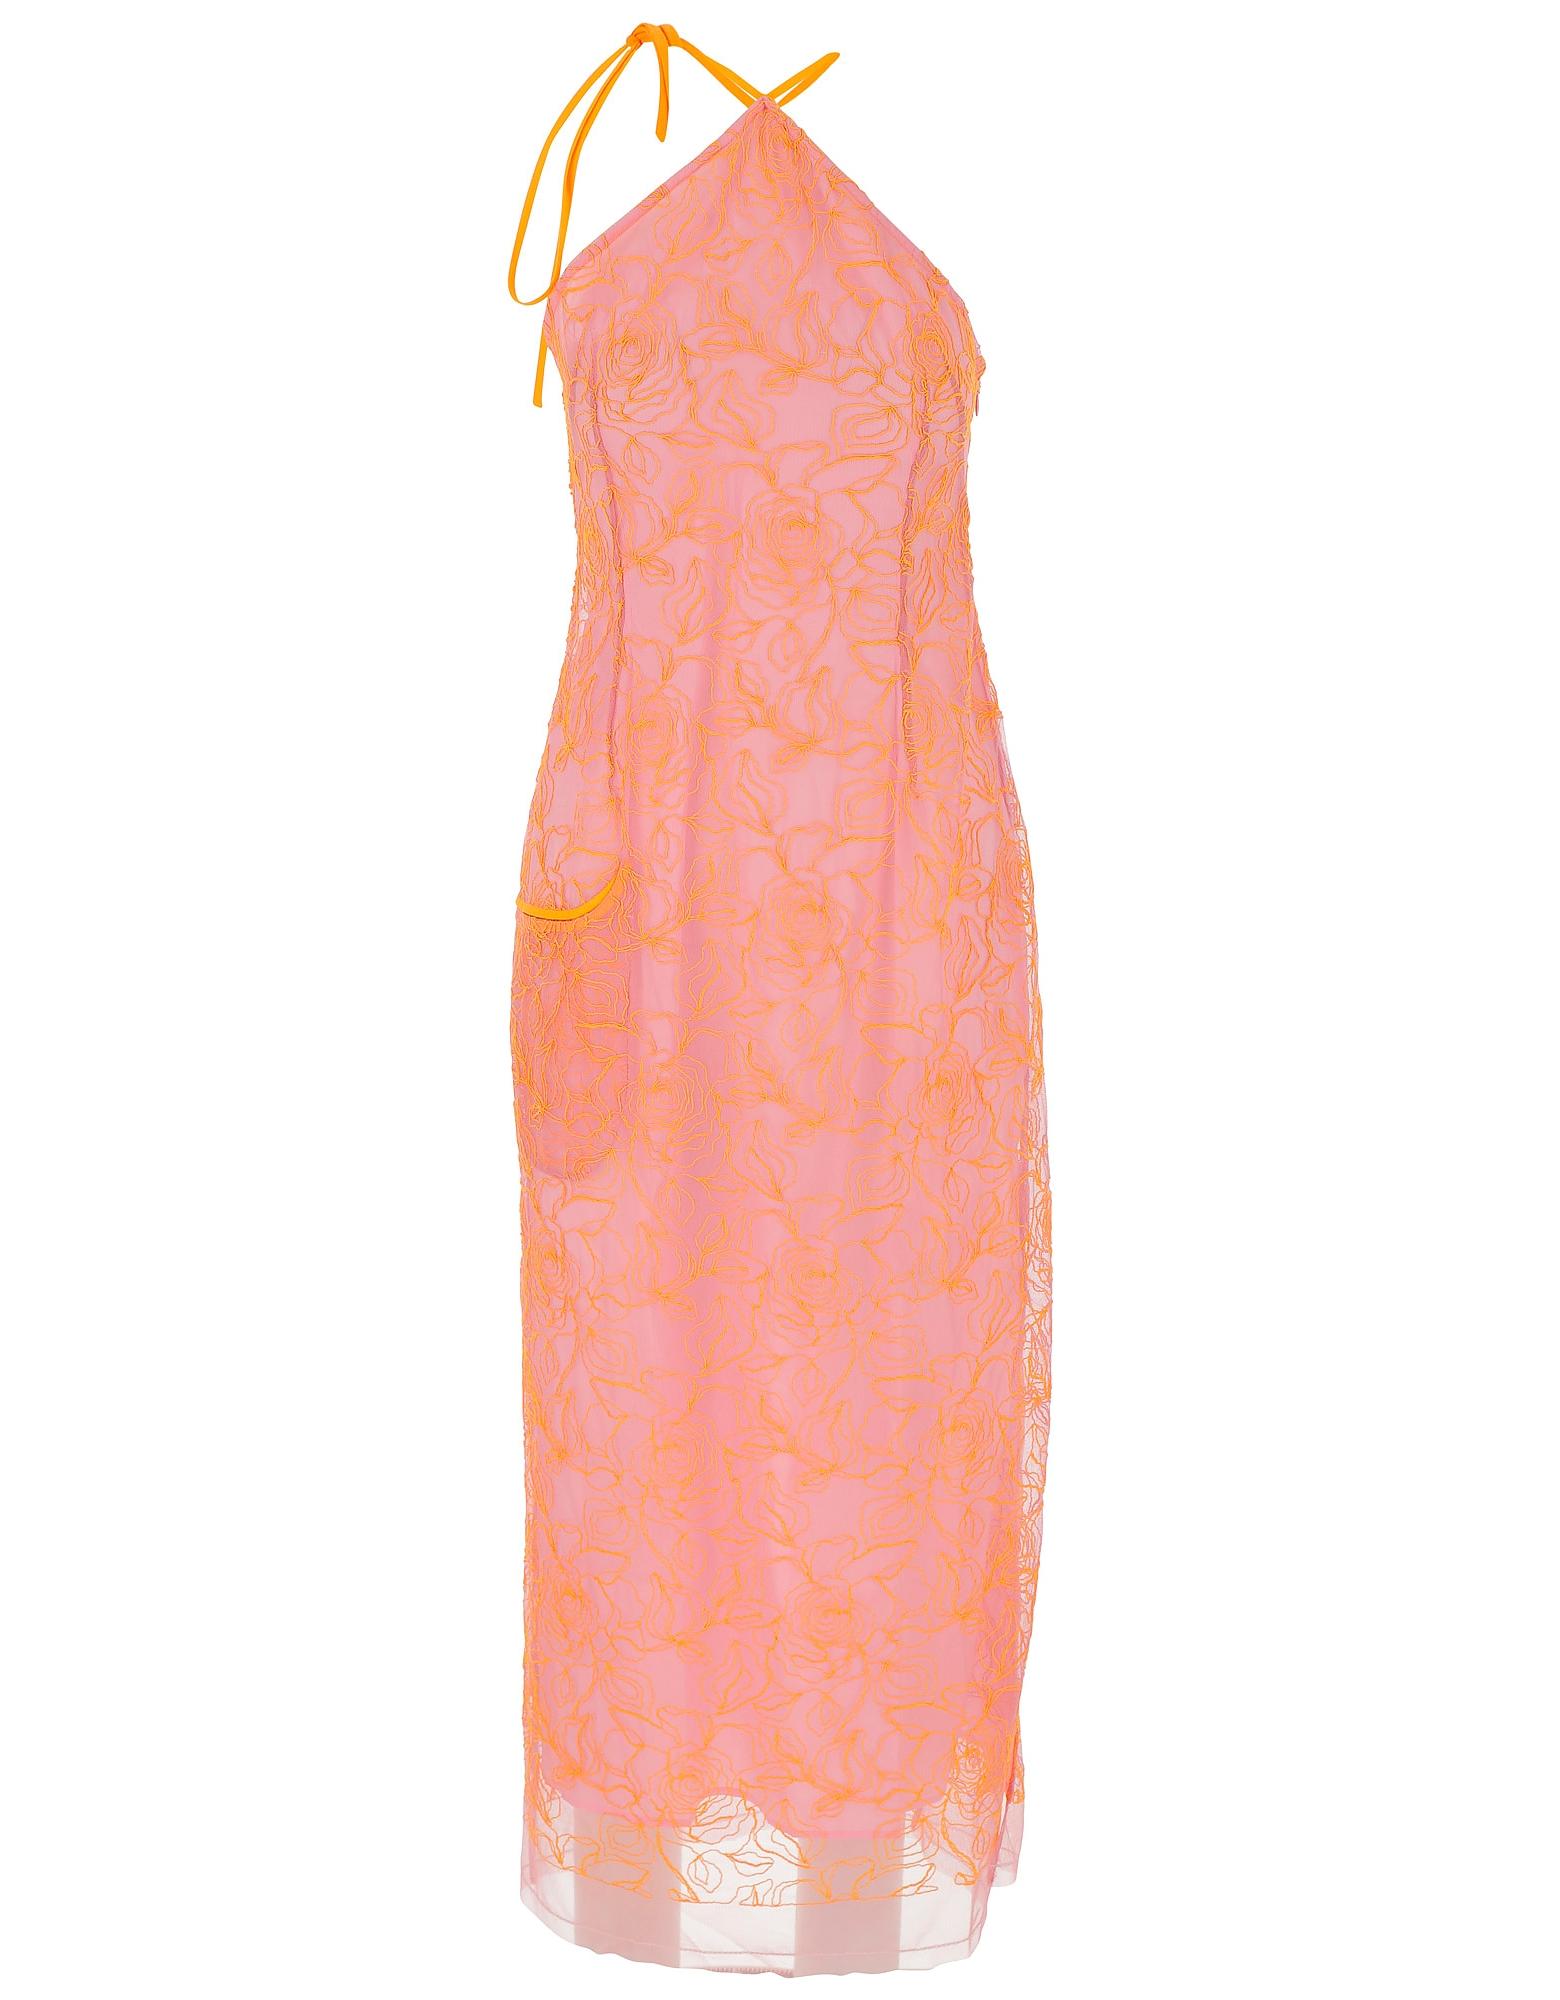 Jacquemus Designer Dresses & Jumpsuits, Pink Lace Women's Dress